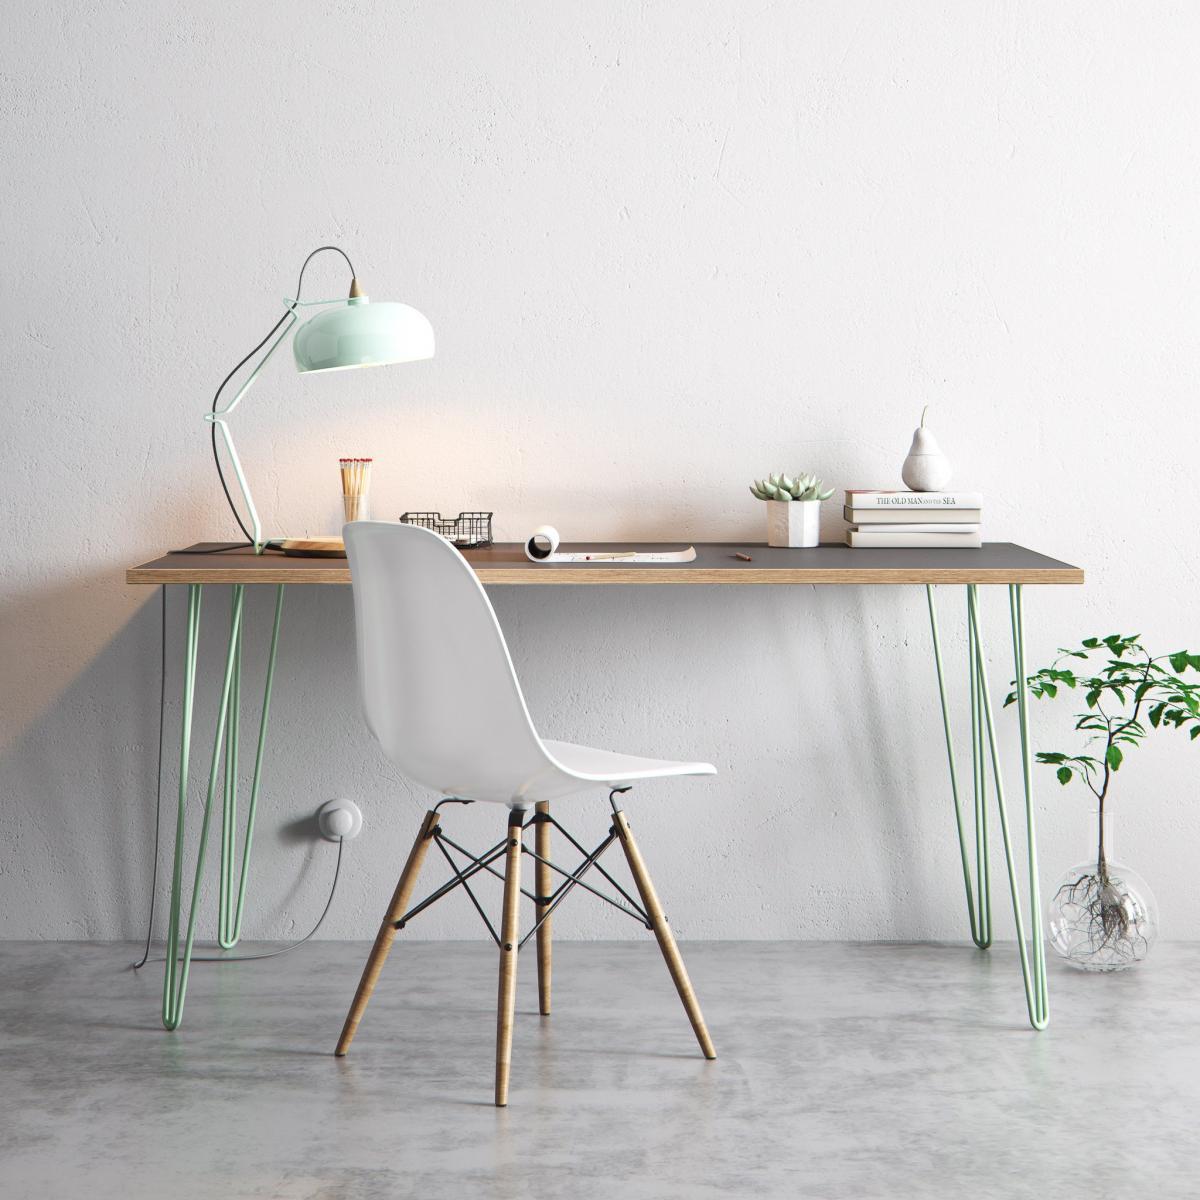 Ripaton Pieds De Table où trouver des pieds pour customiser sa table ?   madame décore